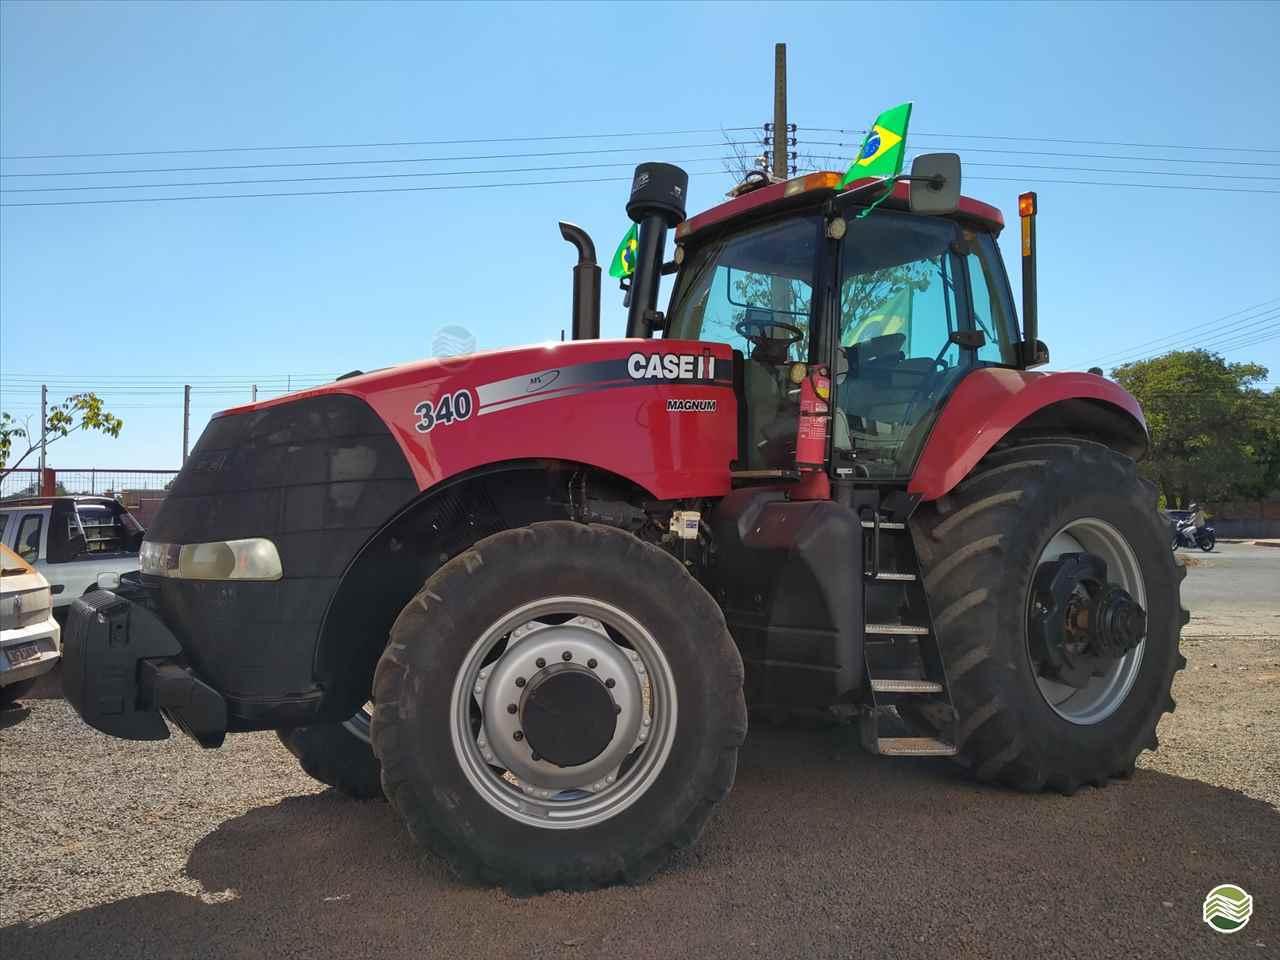 TRATOR CASE MAGNUM 340 Tração 4x4 Gomagril Máquinas Agrícolas TANGARA DA SERRA MATO GROSSO MT